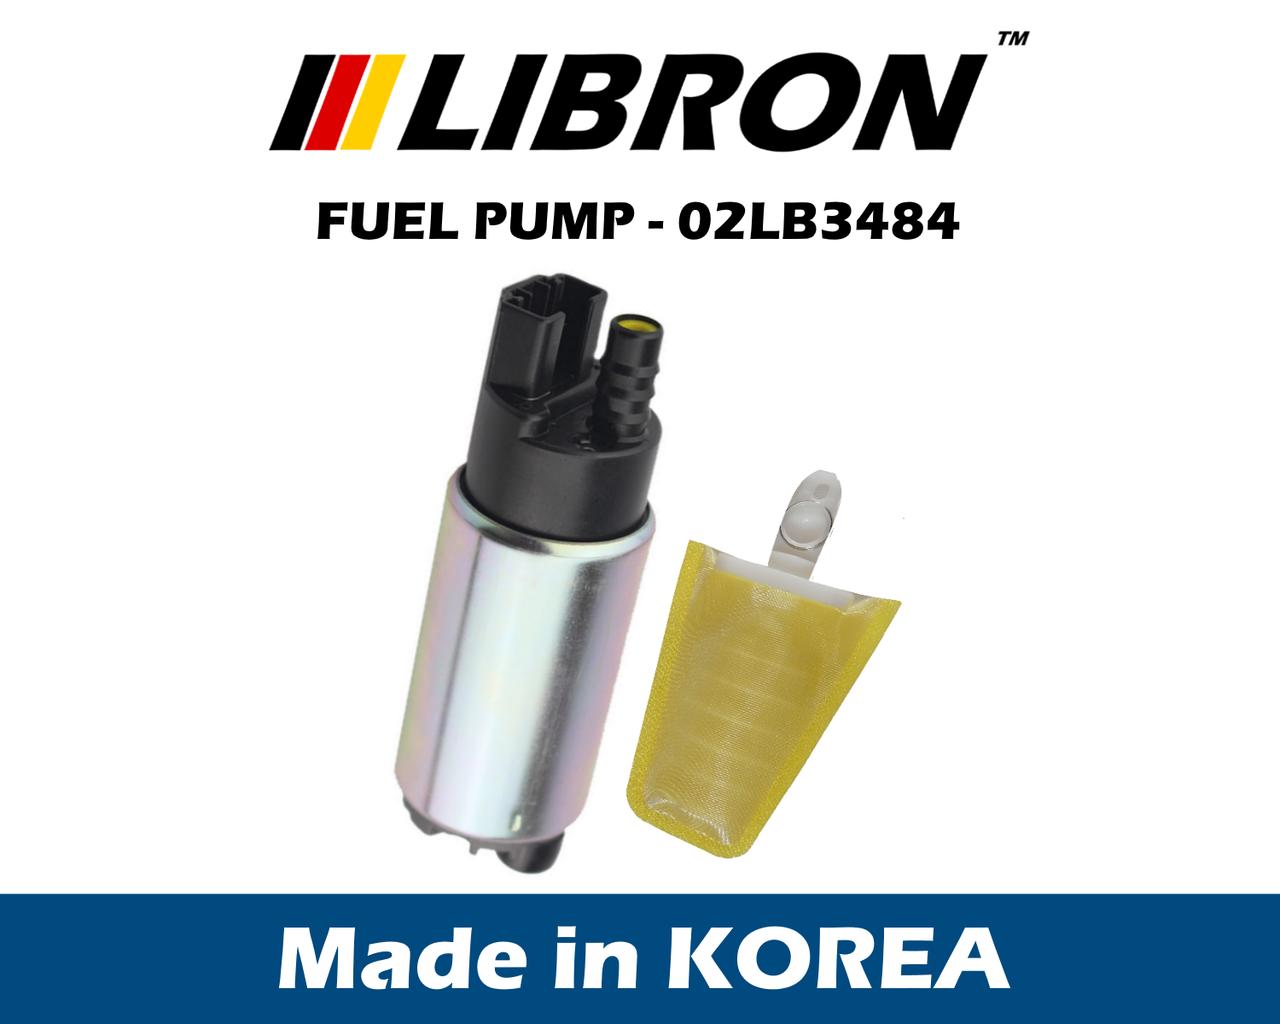 Топливный насос LIBRON 02LB3484 - Мицубиси Галант VI